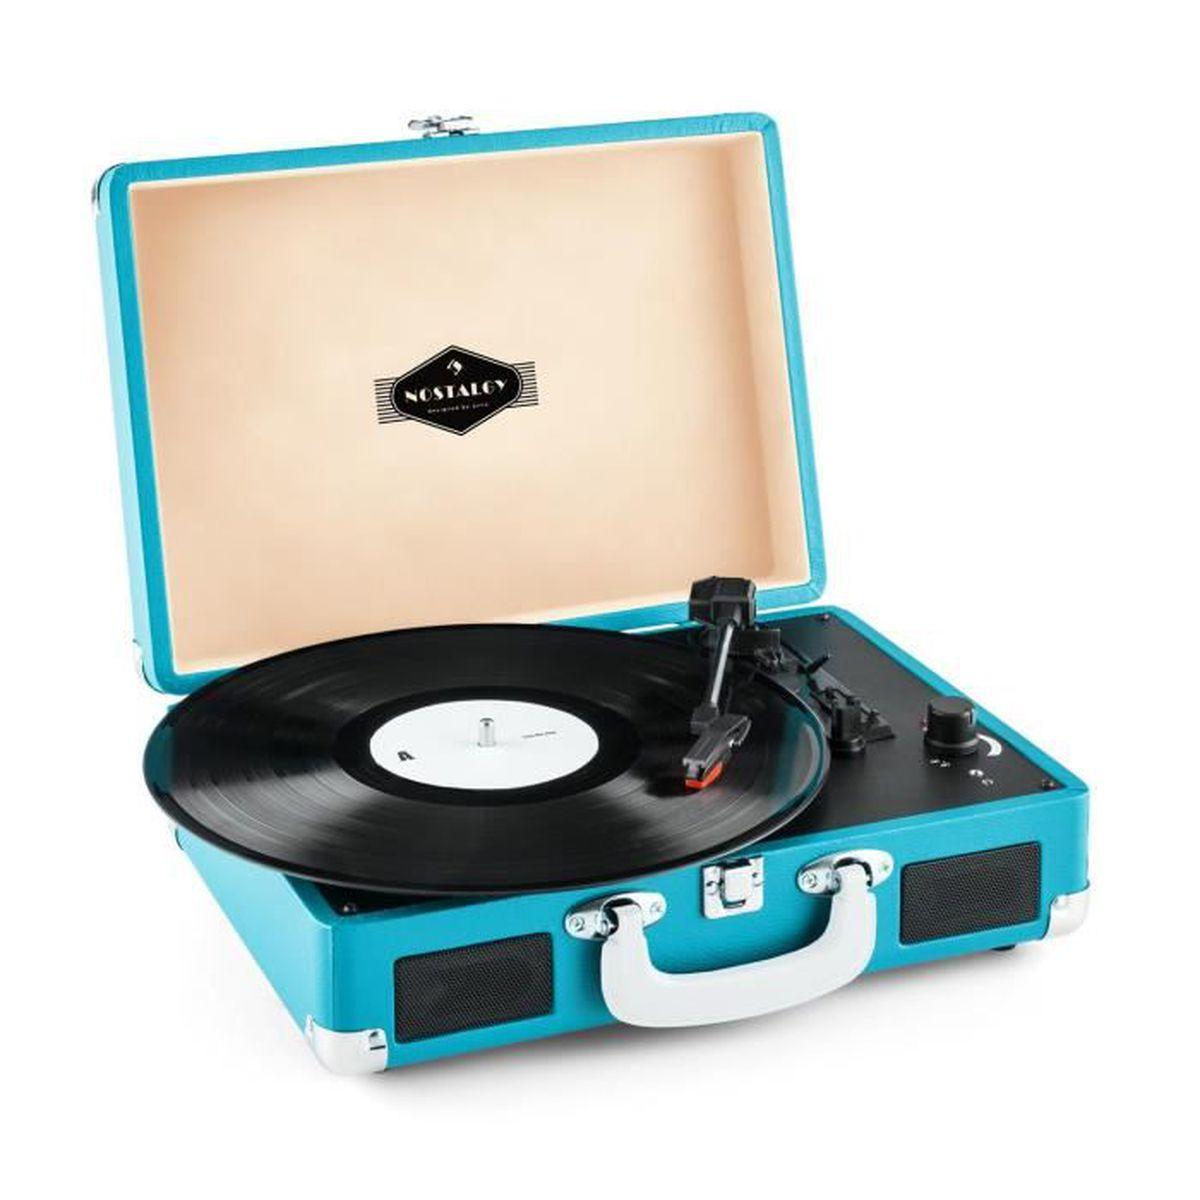 platine vinyle portable - achat / vente pas cher